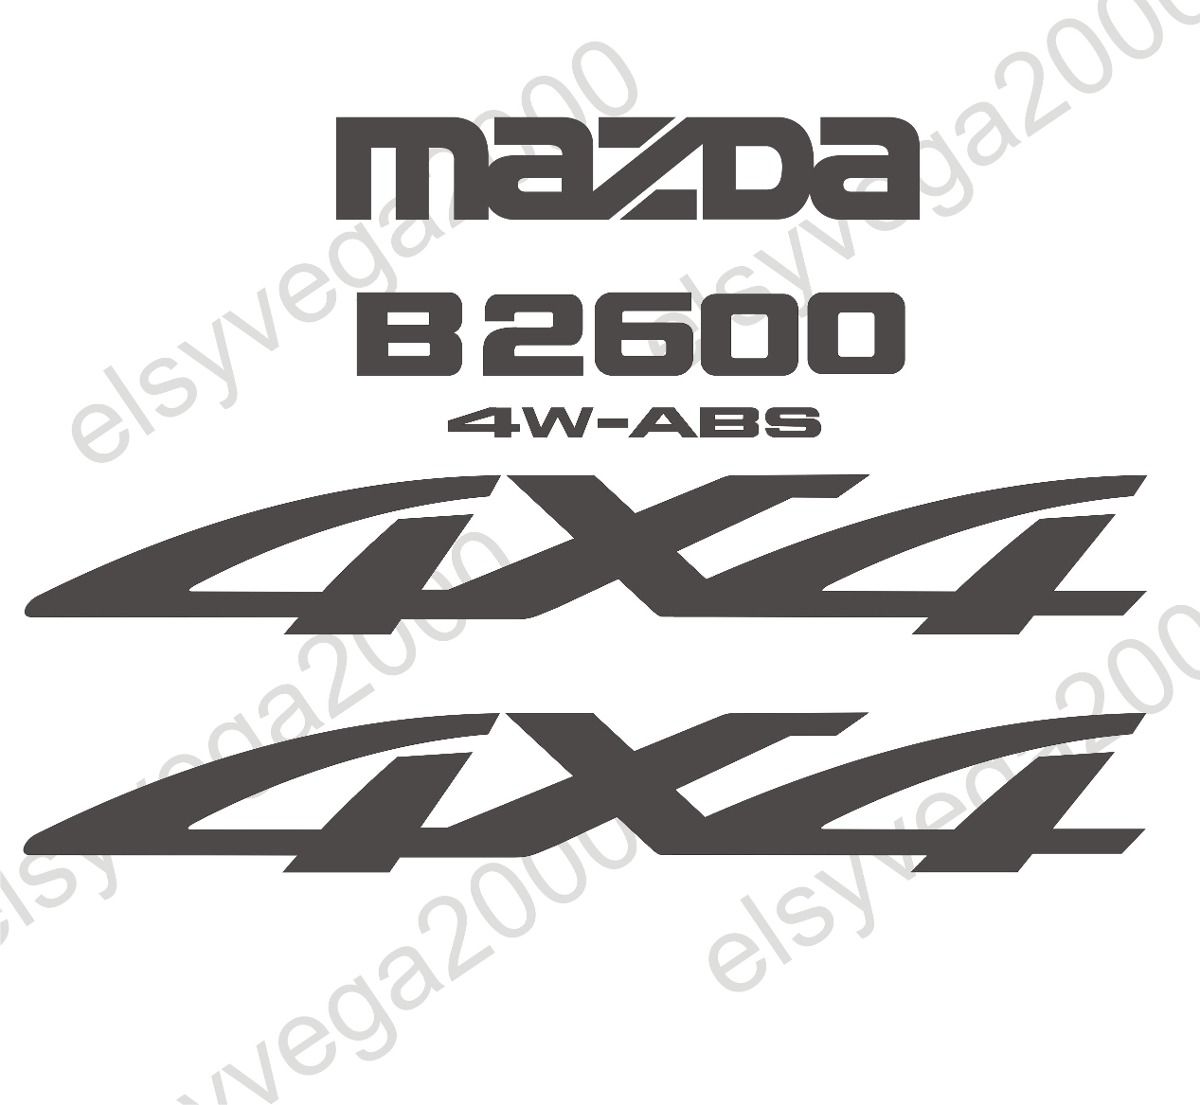 Calcomania para mazda 4x4 bt 50 y b2600 precio por unidad for Precio logo